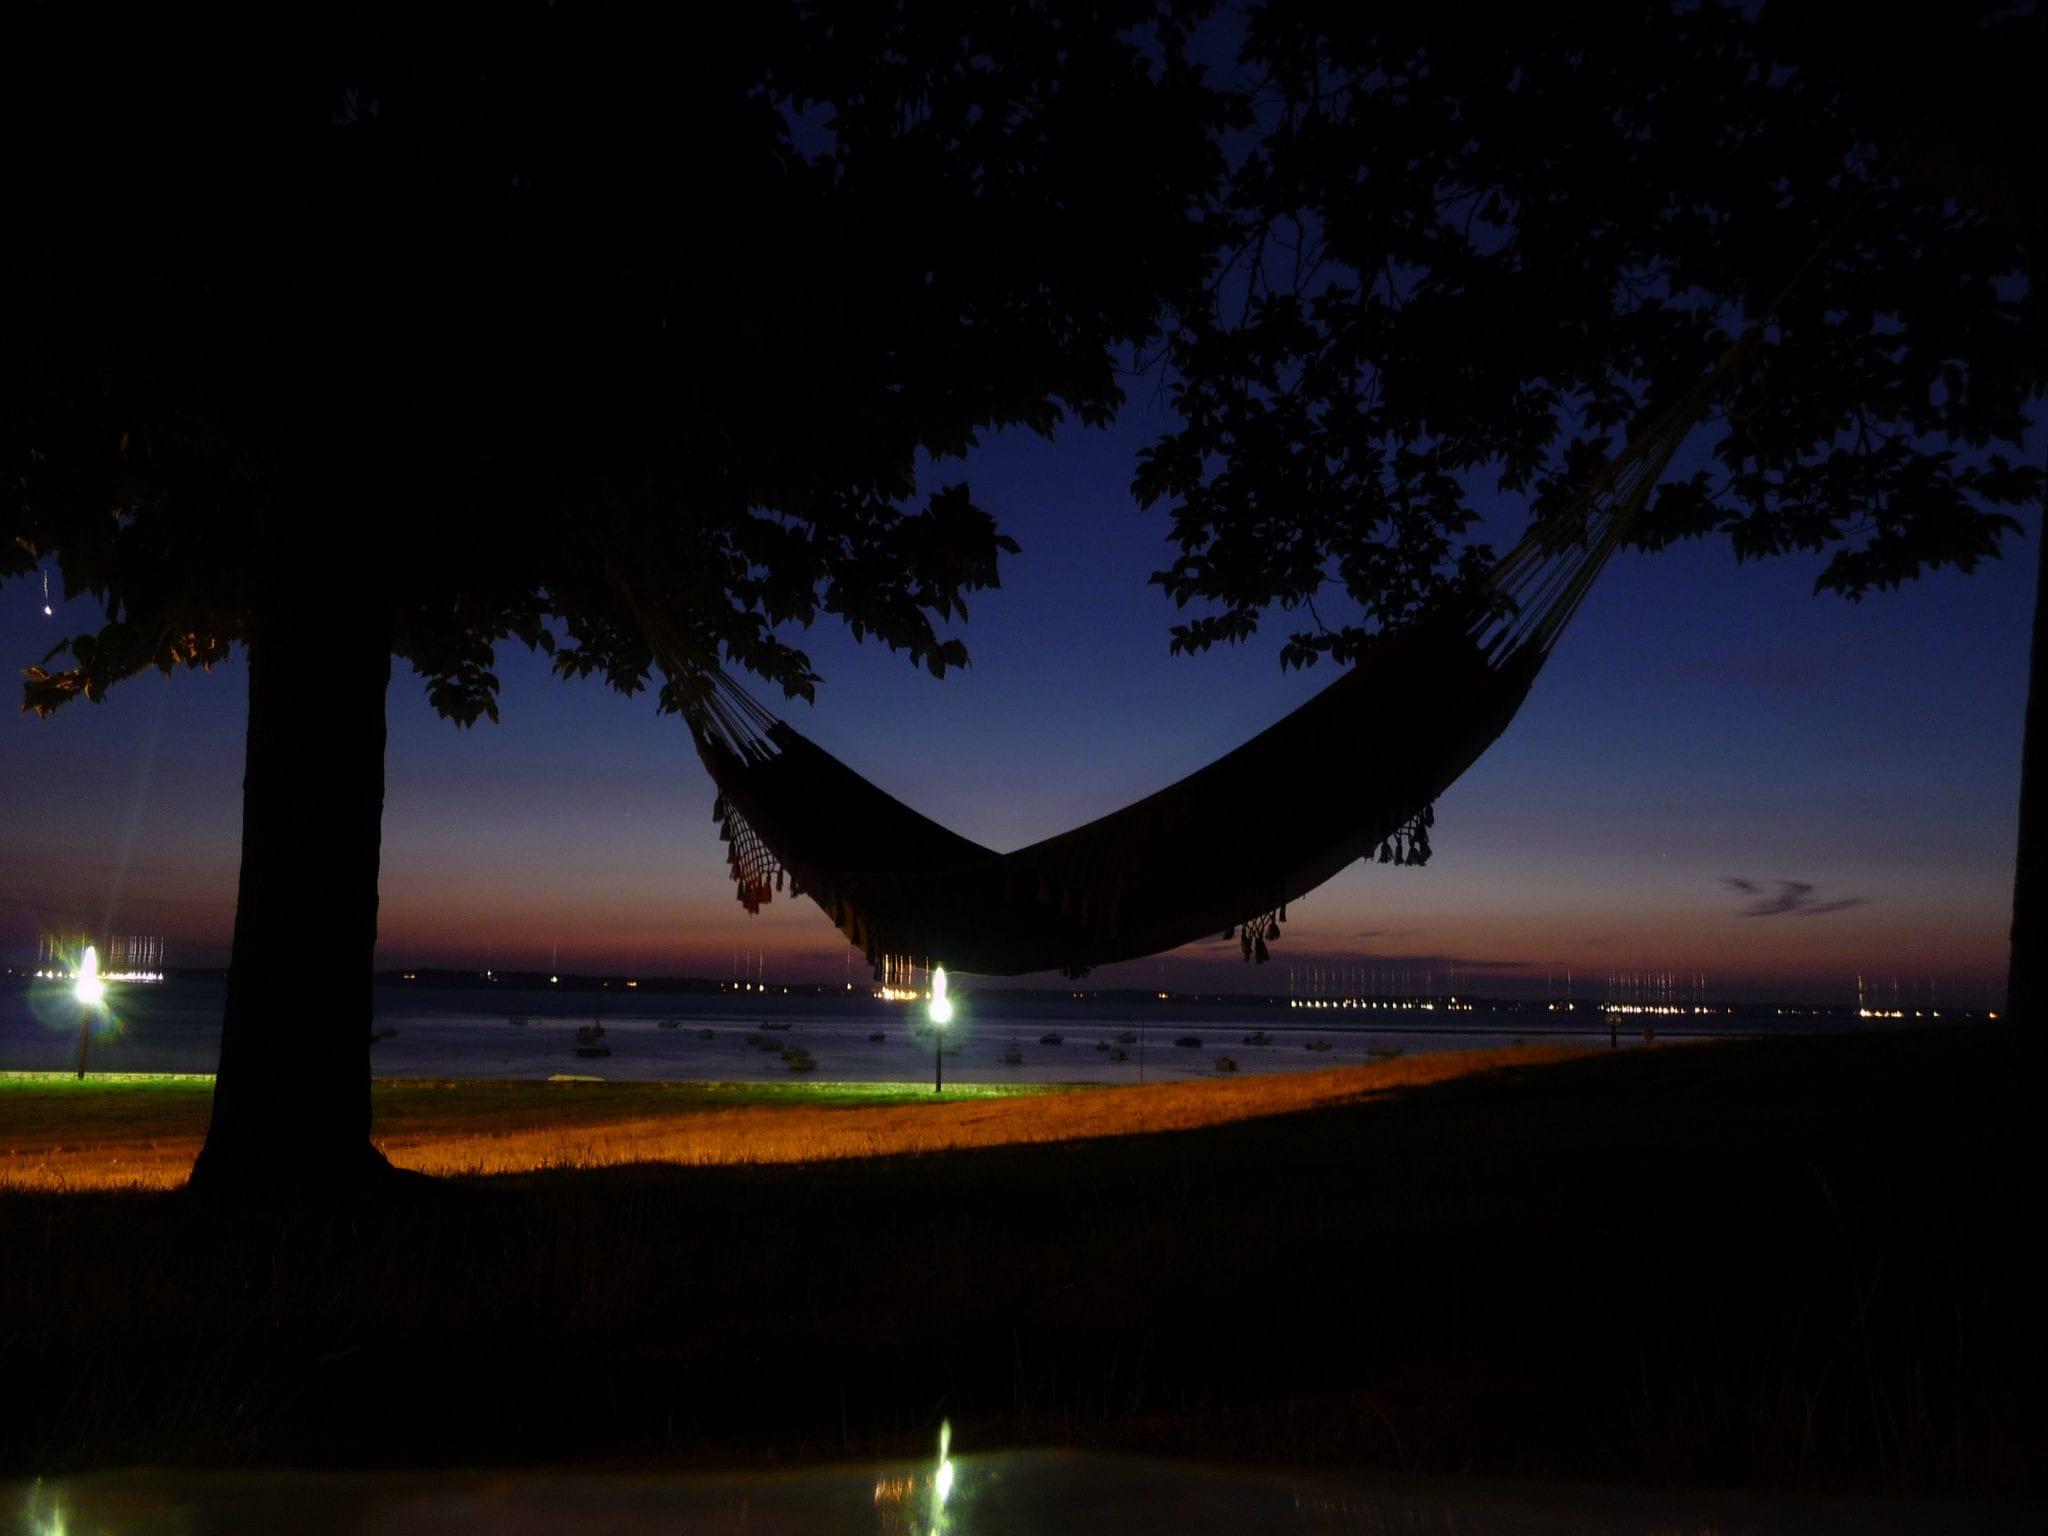 une nuit en hamac la belle toile tropical hamac. Black Bedroom Furniture Sets. Home Design Ideas